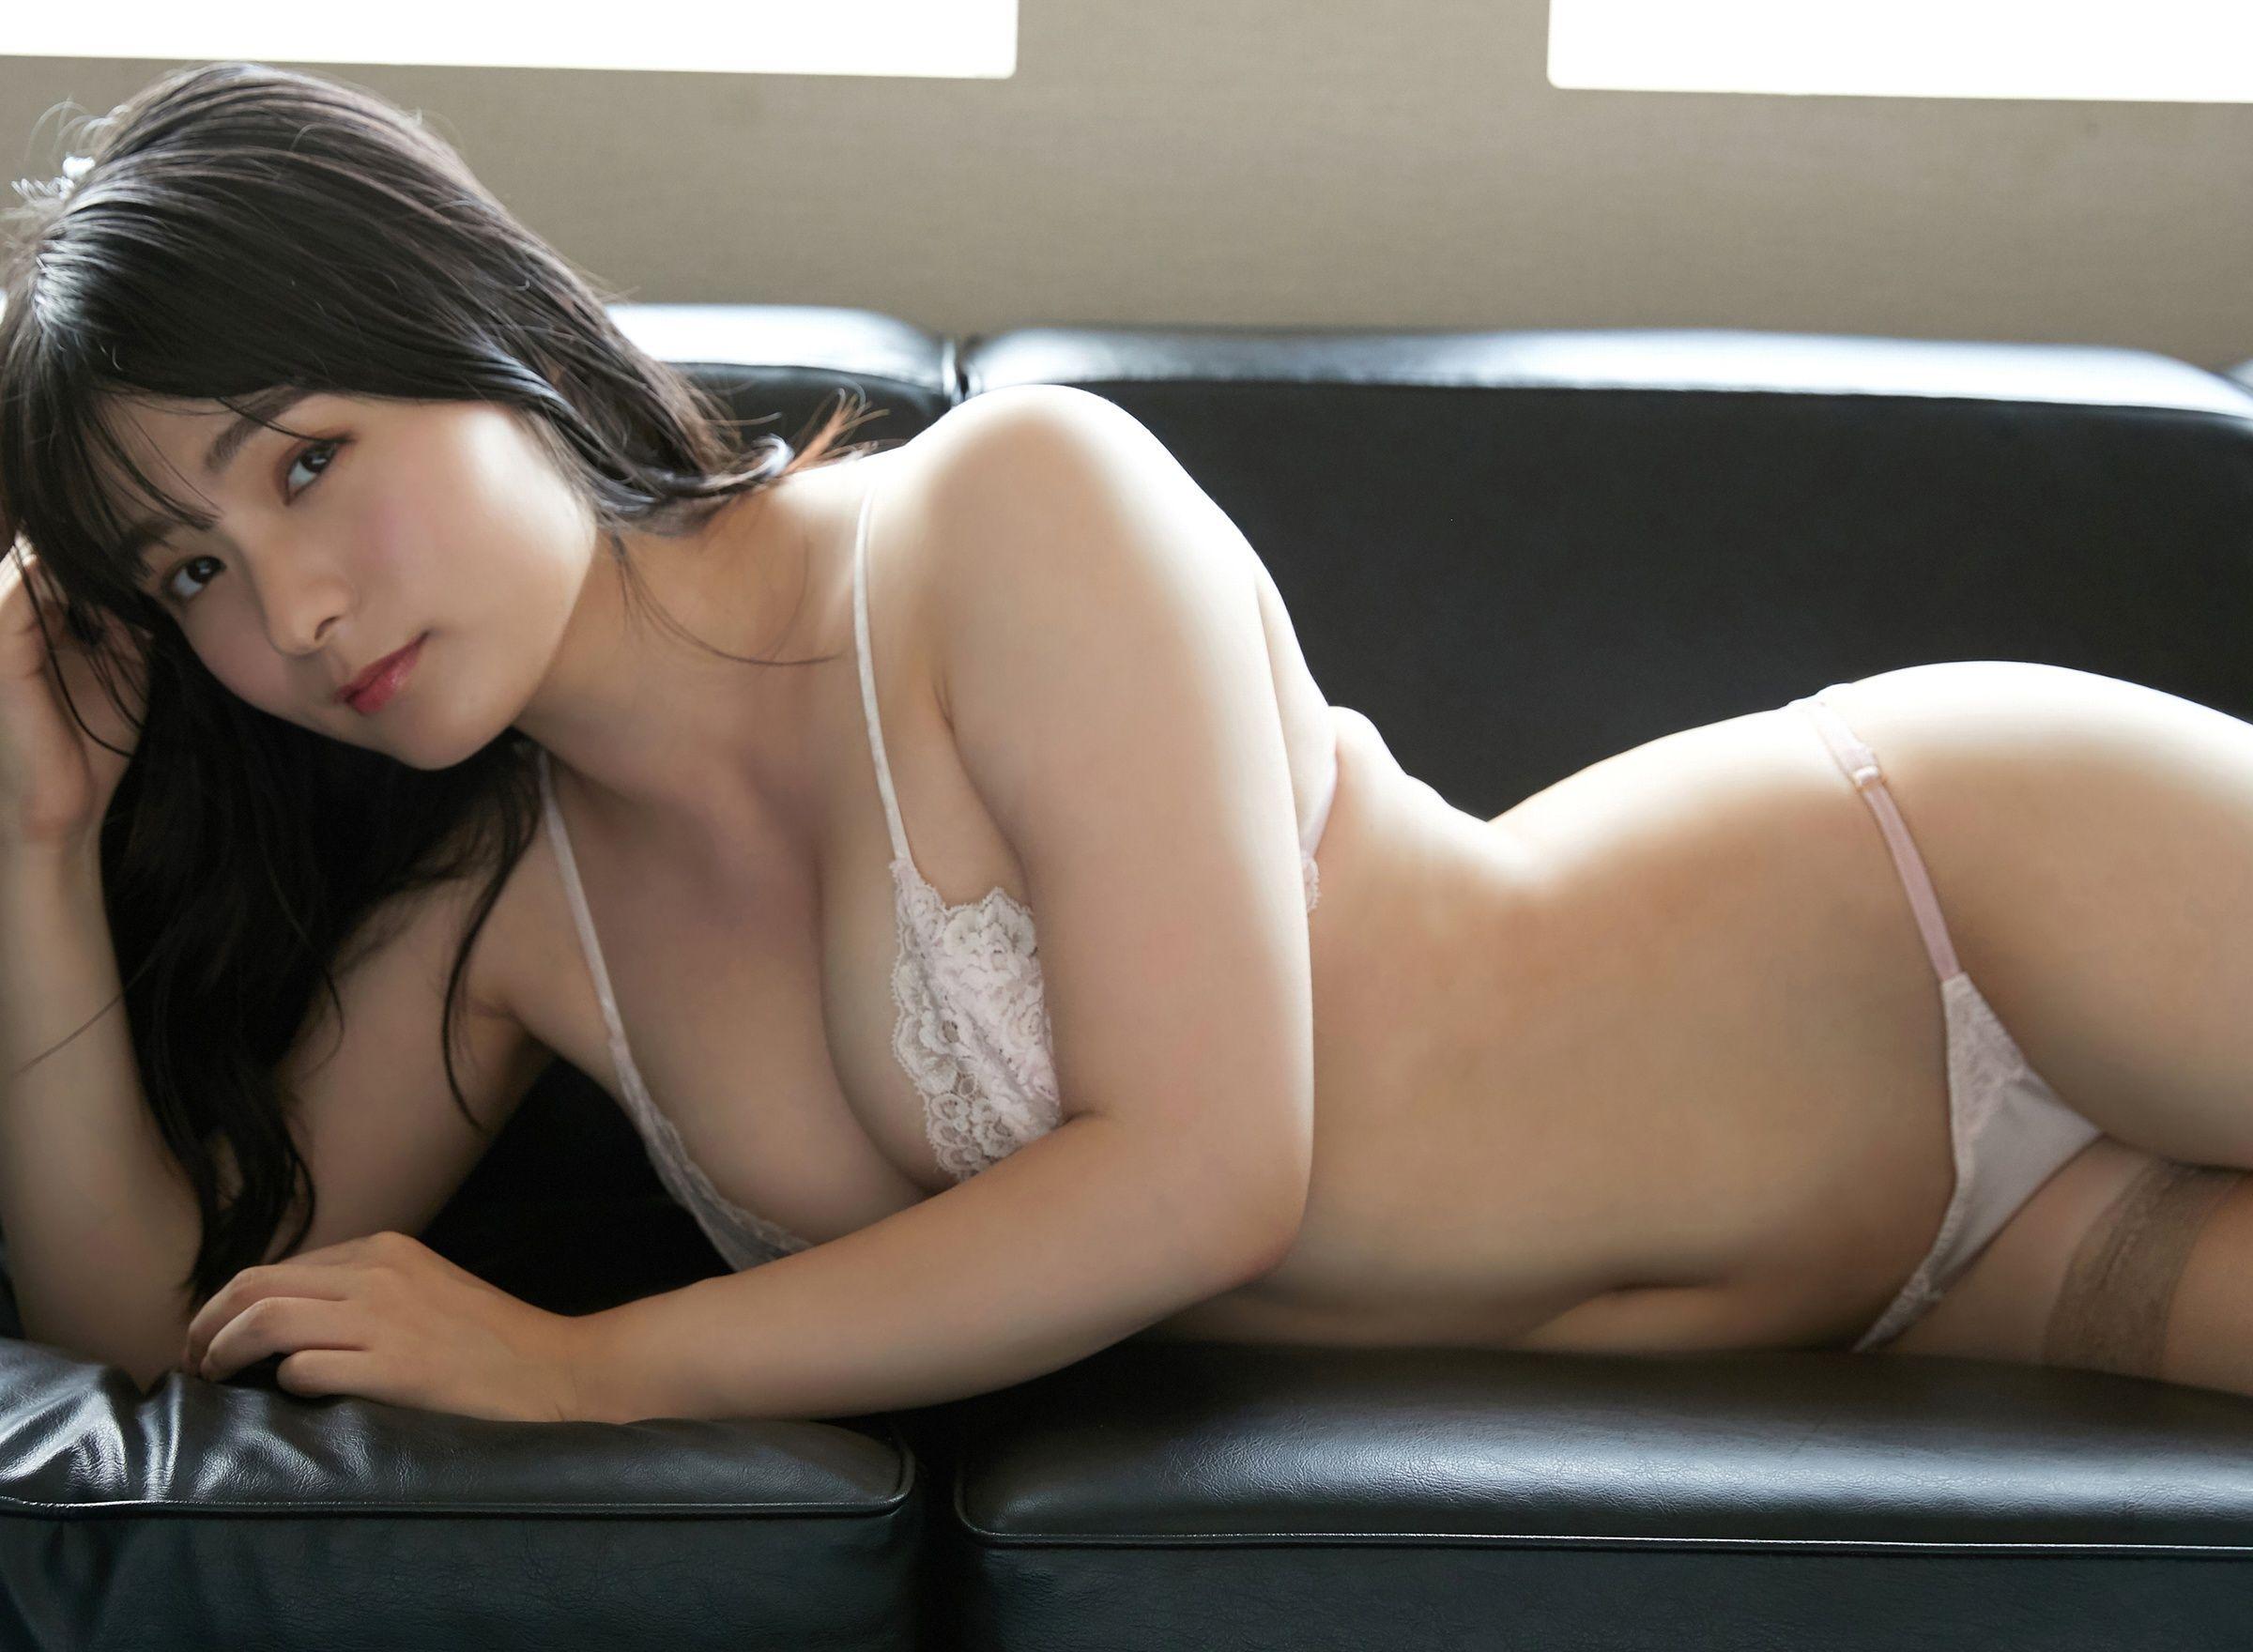 魅惑の秘書 星名美津紀 50photos